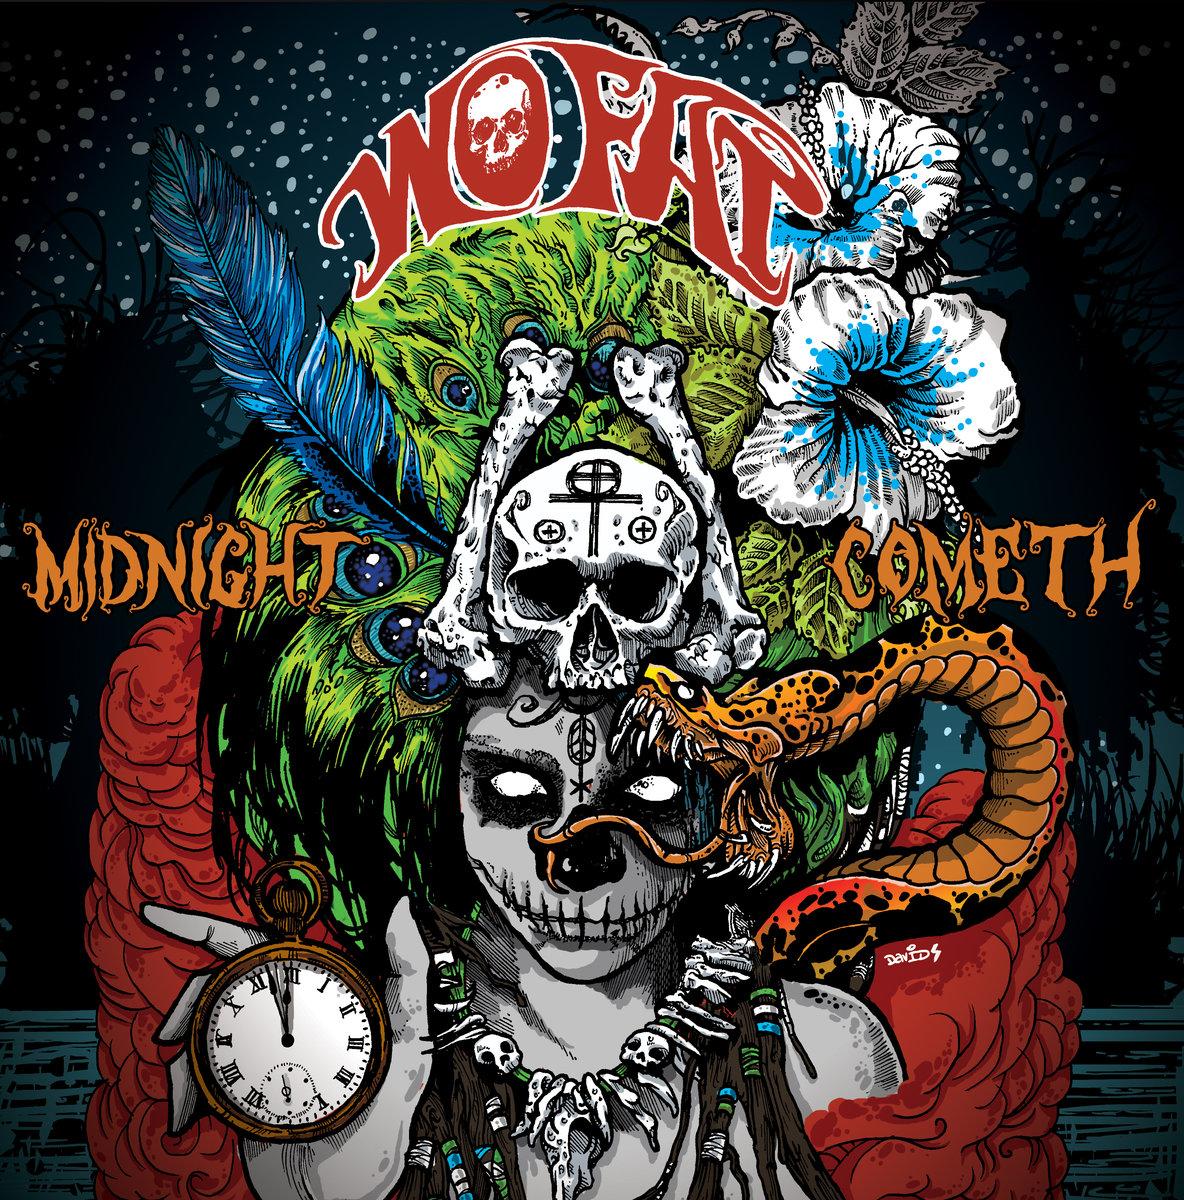 8. Wo Fat - Midnight Cometh